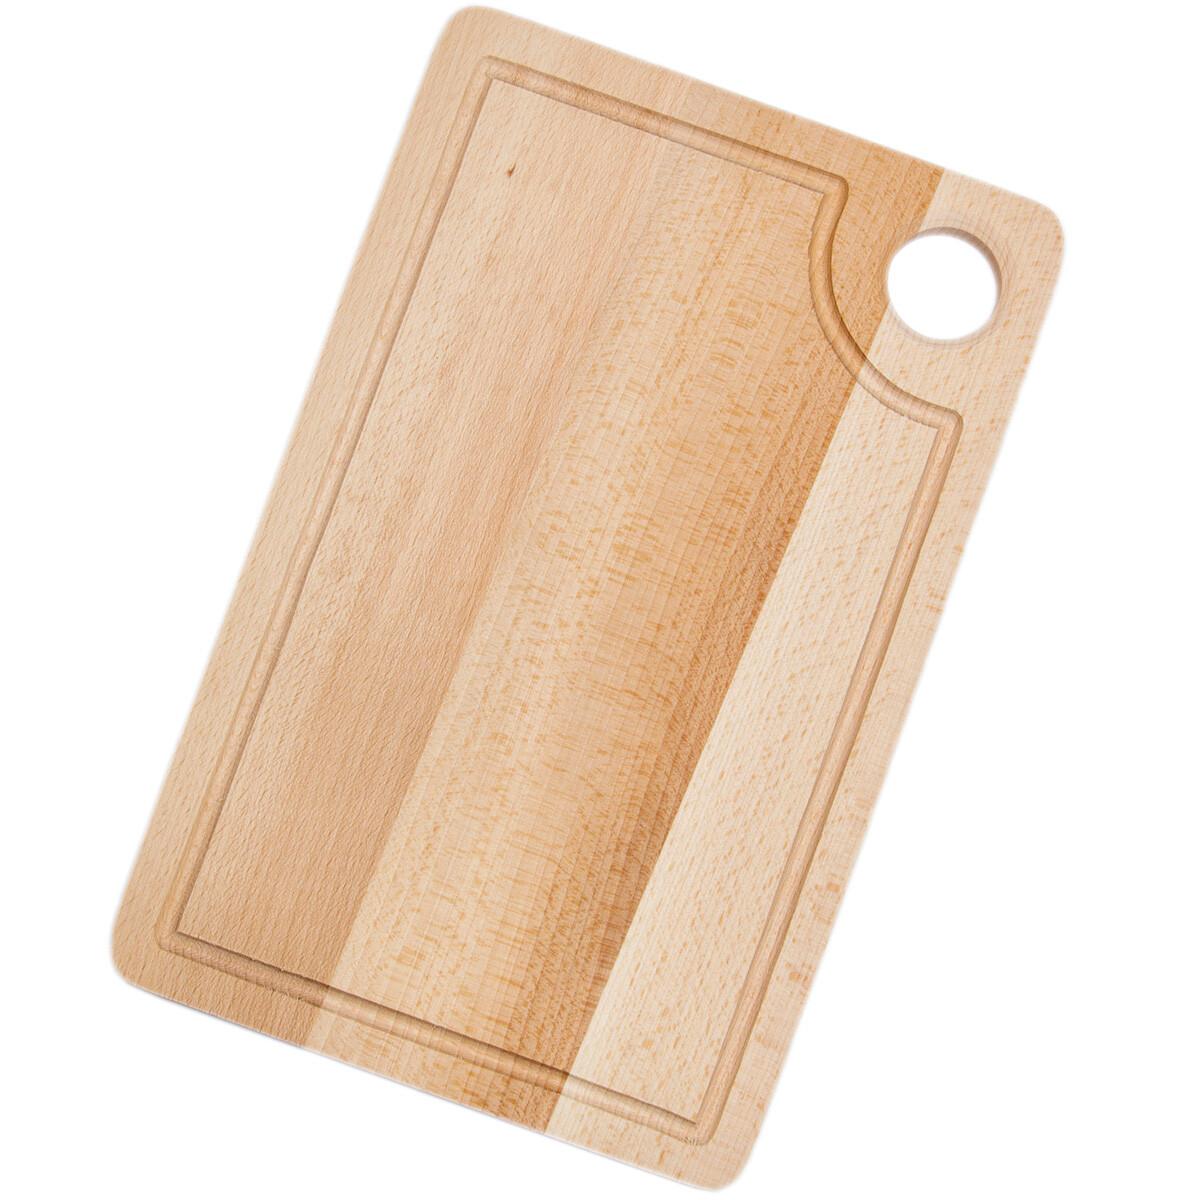 Planche de cuisine planche en bois planche d couper r for Planche cuisine bois